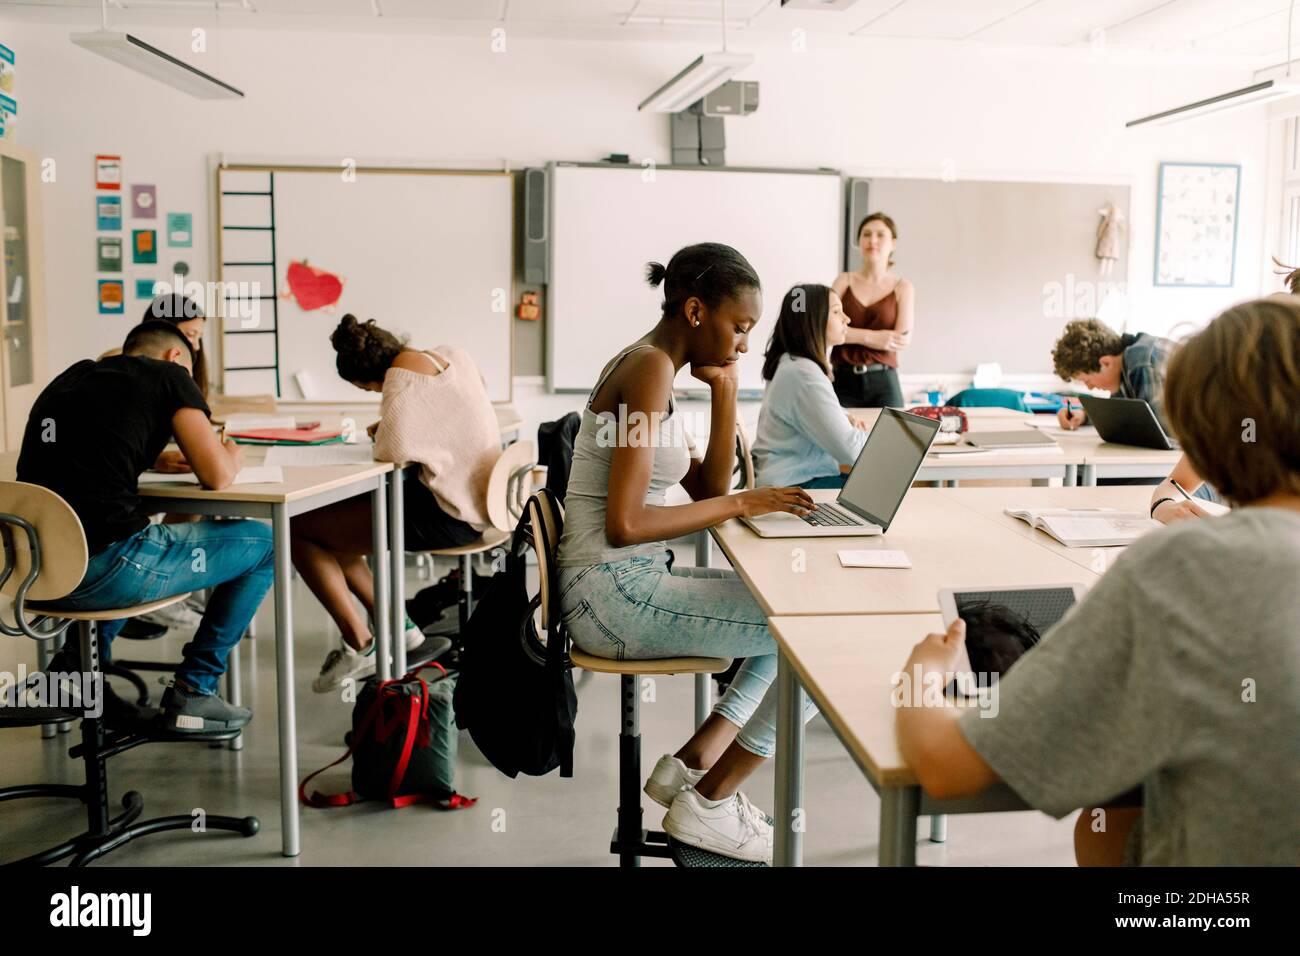 Étudiants de niveau secondaire junior étudiant pendant que la femme enseignant debout dans la salle de classe Banque D'Images